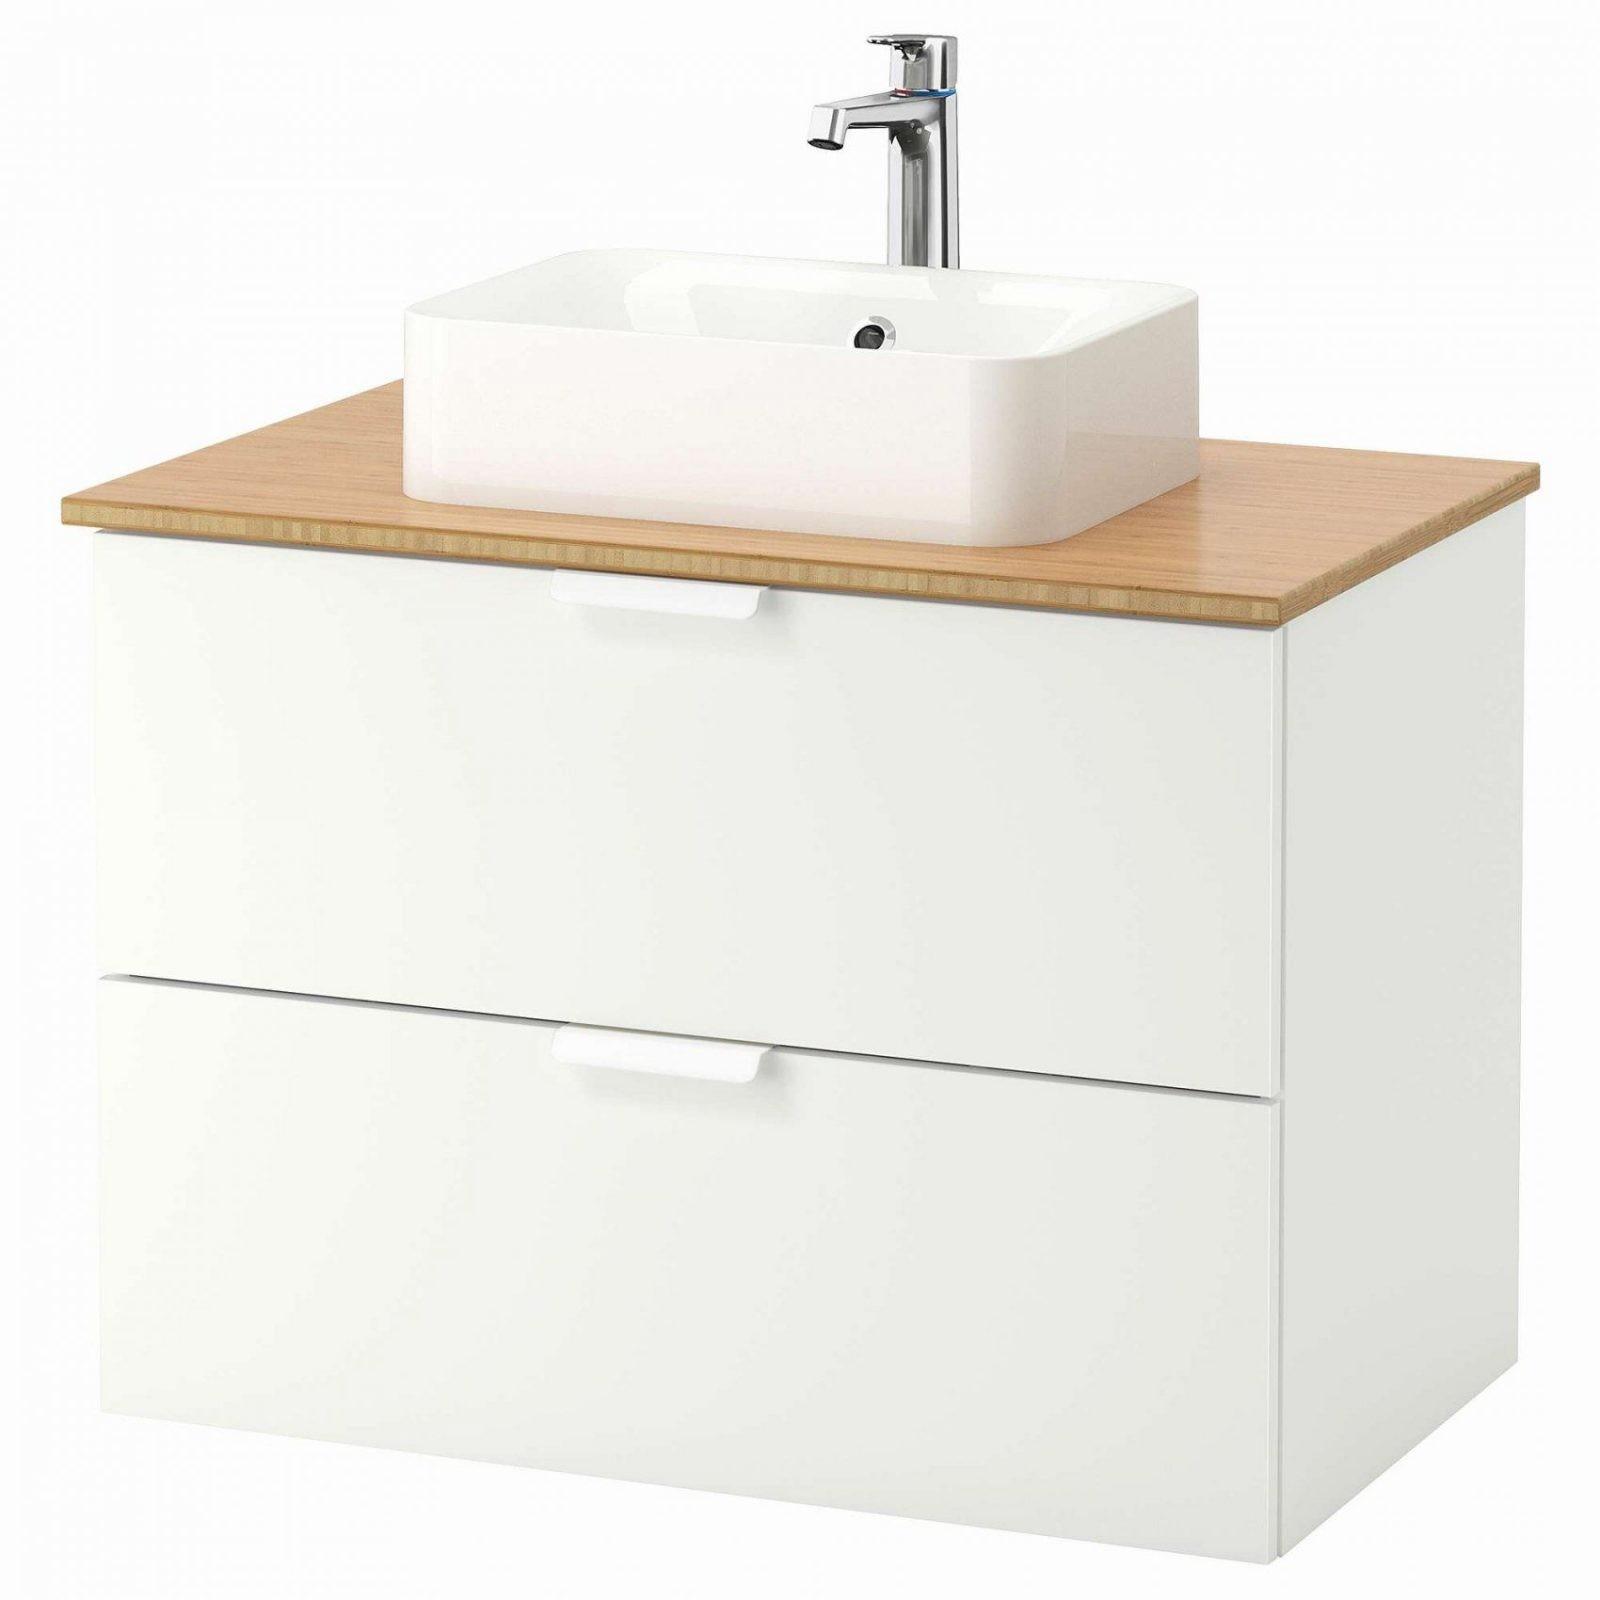 26 Waschtisch 35 Cm Tief Mit Unterschrank Designideen Von von Waschbecken 35 Cm Tief Photo